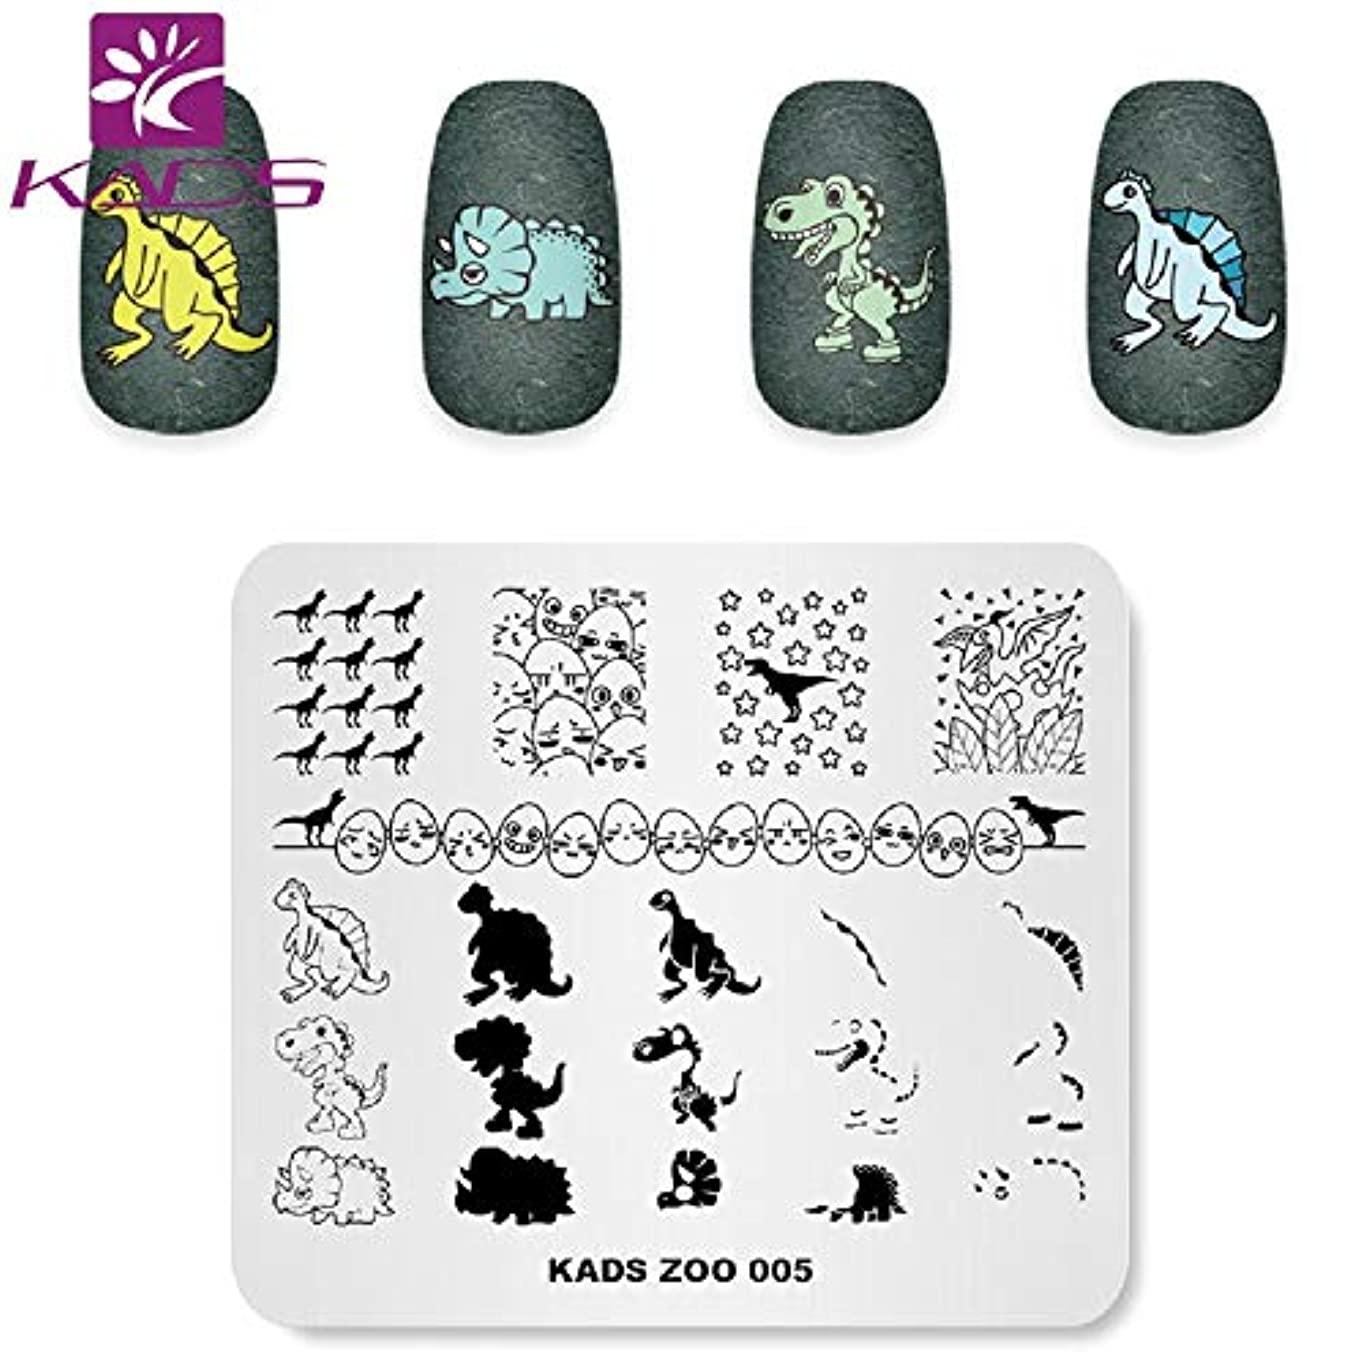 過度の混乱させるバブルKADS ネイルスタンプ ネイルスタンピングプレート 可愛い小恐竜 ネイルステンシル ネイルアート道具 (ZO005)